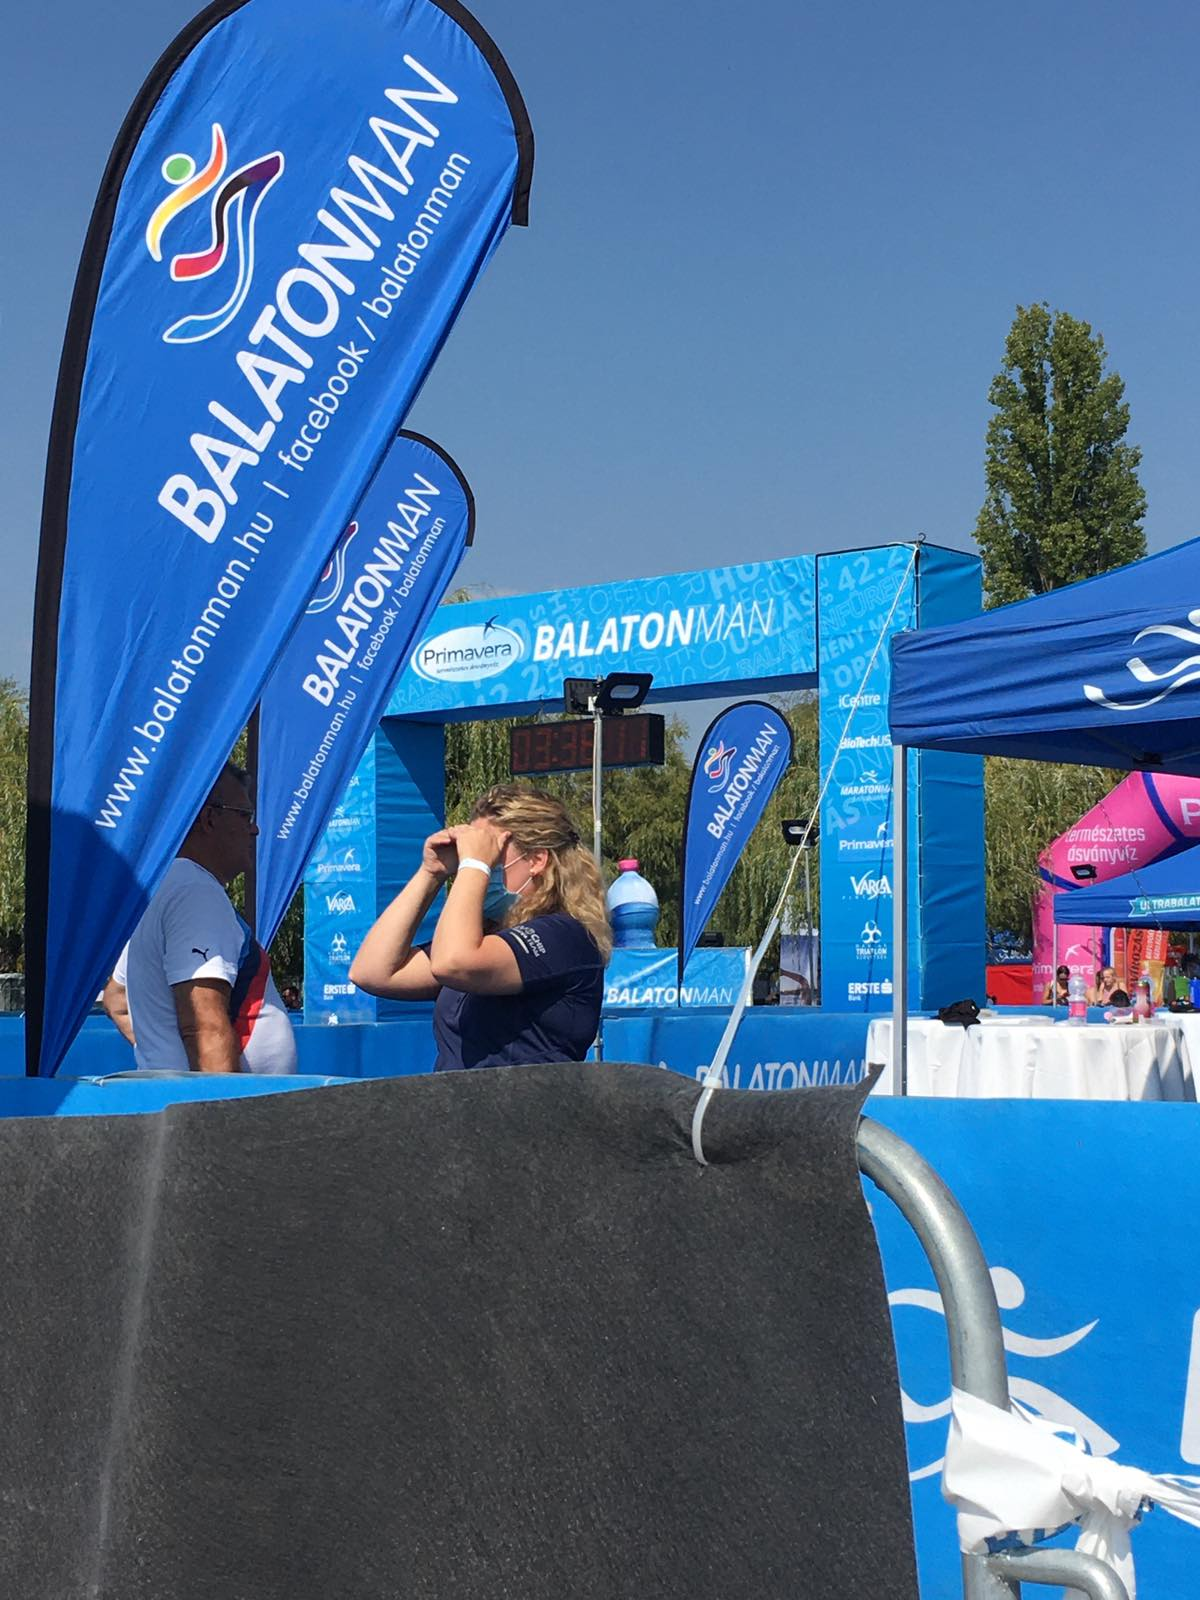 Primavera Balatonman Triatlon Fesztivál versenyközpont